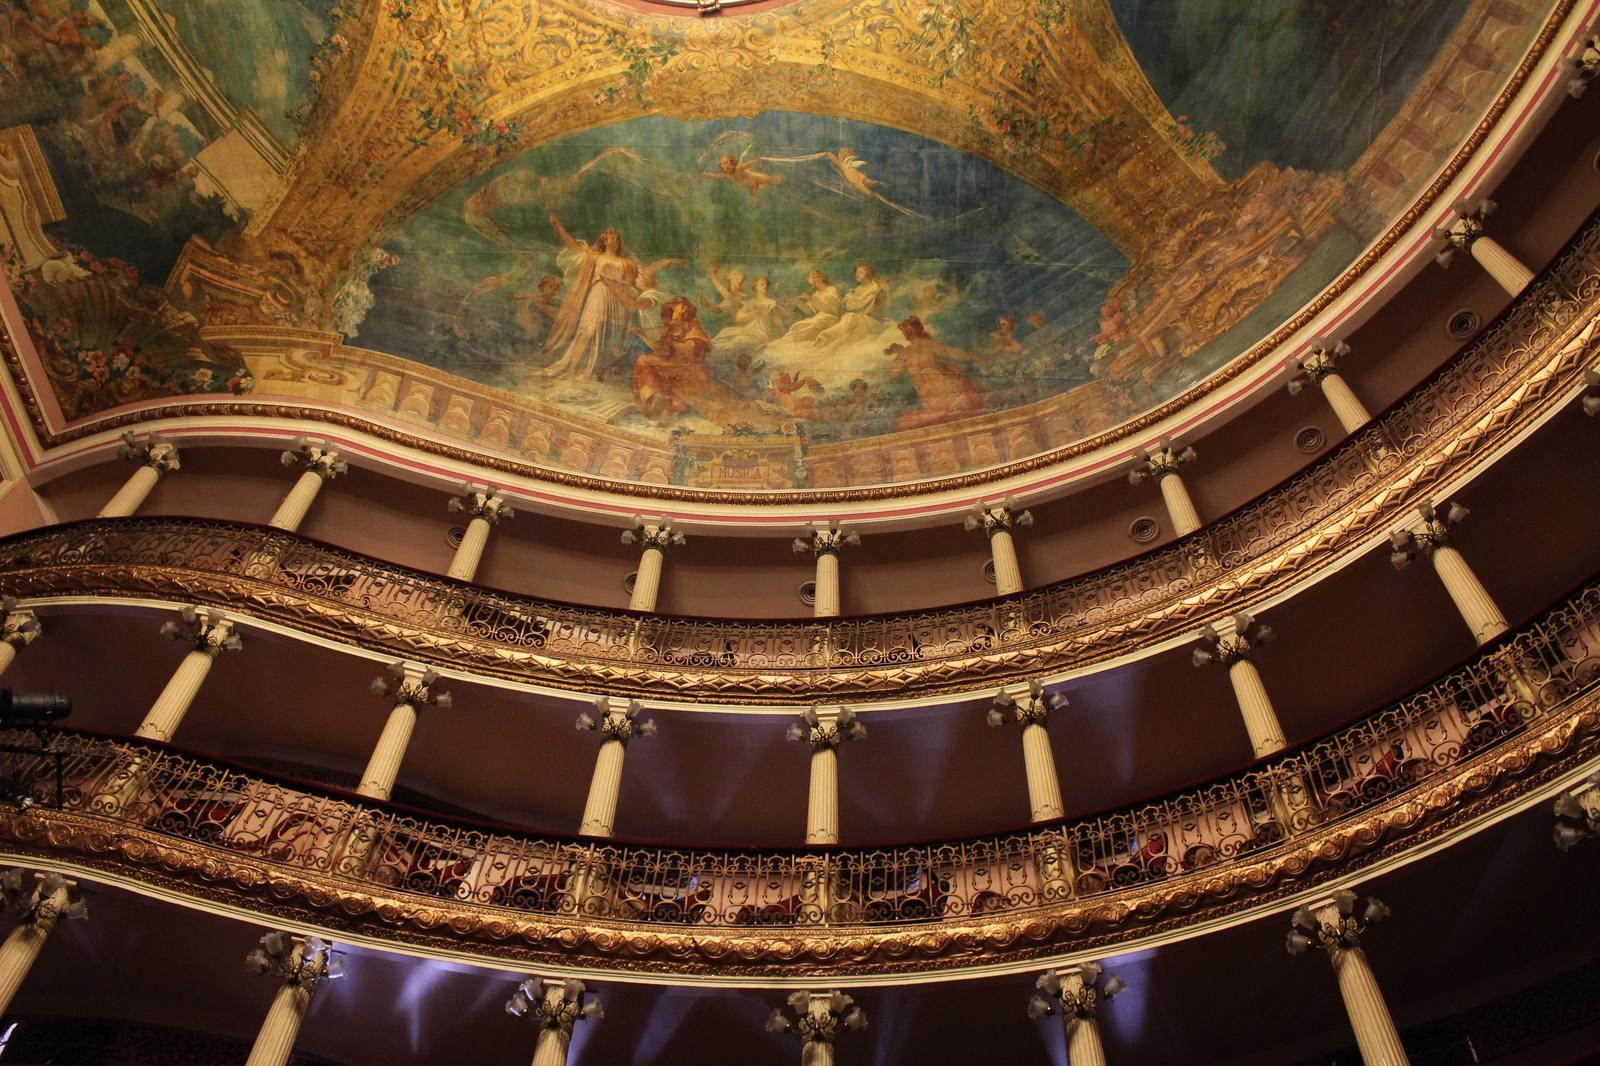 teatro amazonas4 Teatro Amazonas   Opera House in the Heart of Amazonia